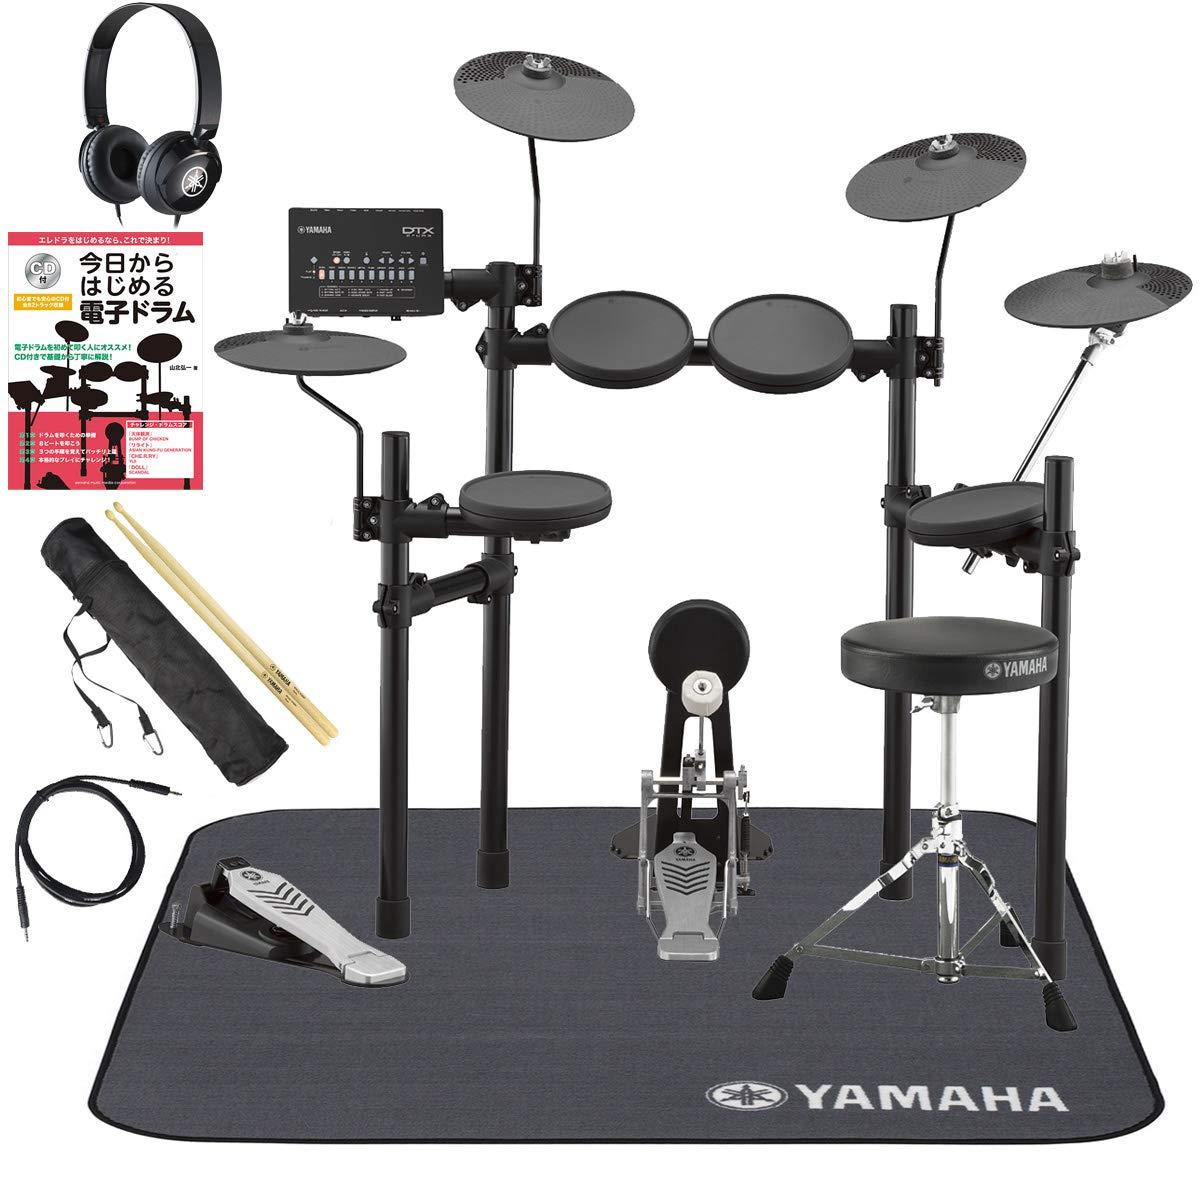 YAMAHA DTX432KUPGS 3シンバル ヤマハ純正スターターパックと電子ドラム教本セット   B07GB7C1JD